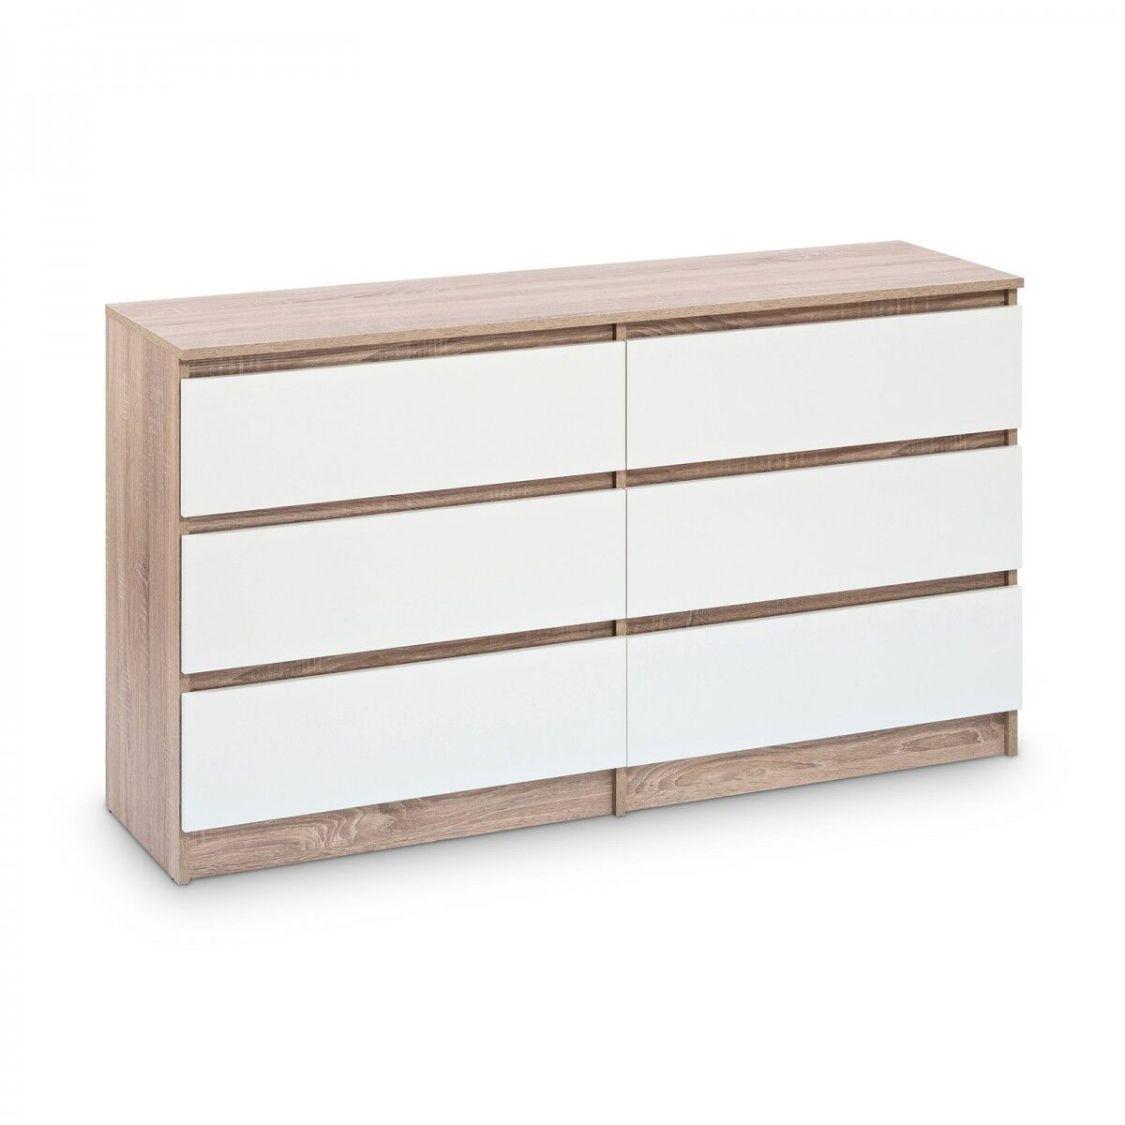 Kommode mit 6 Schubladen 140cm Sideboard, Anrichte Eiche Sonoma Weiß